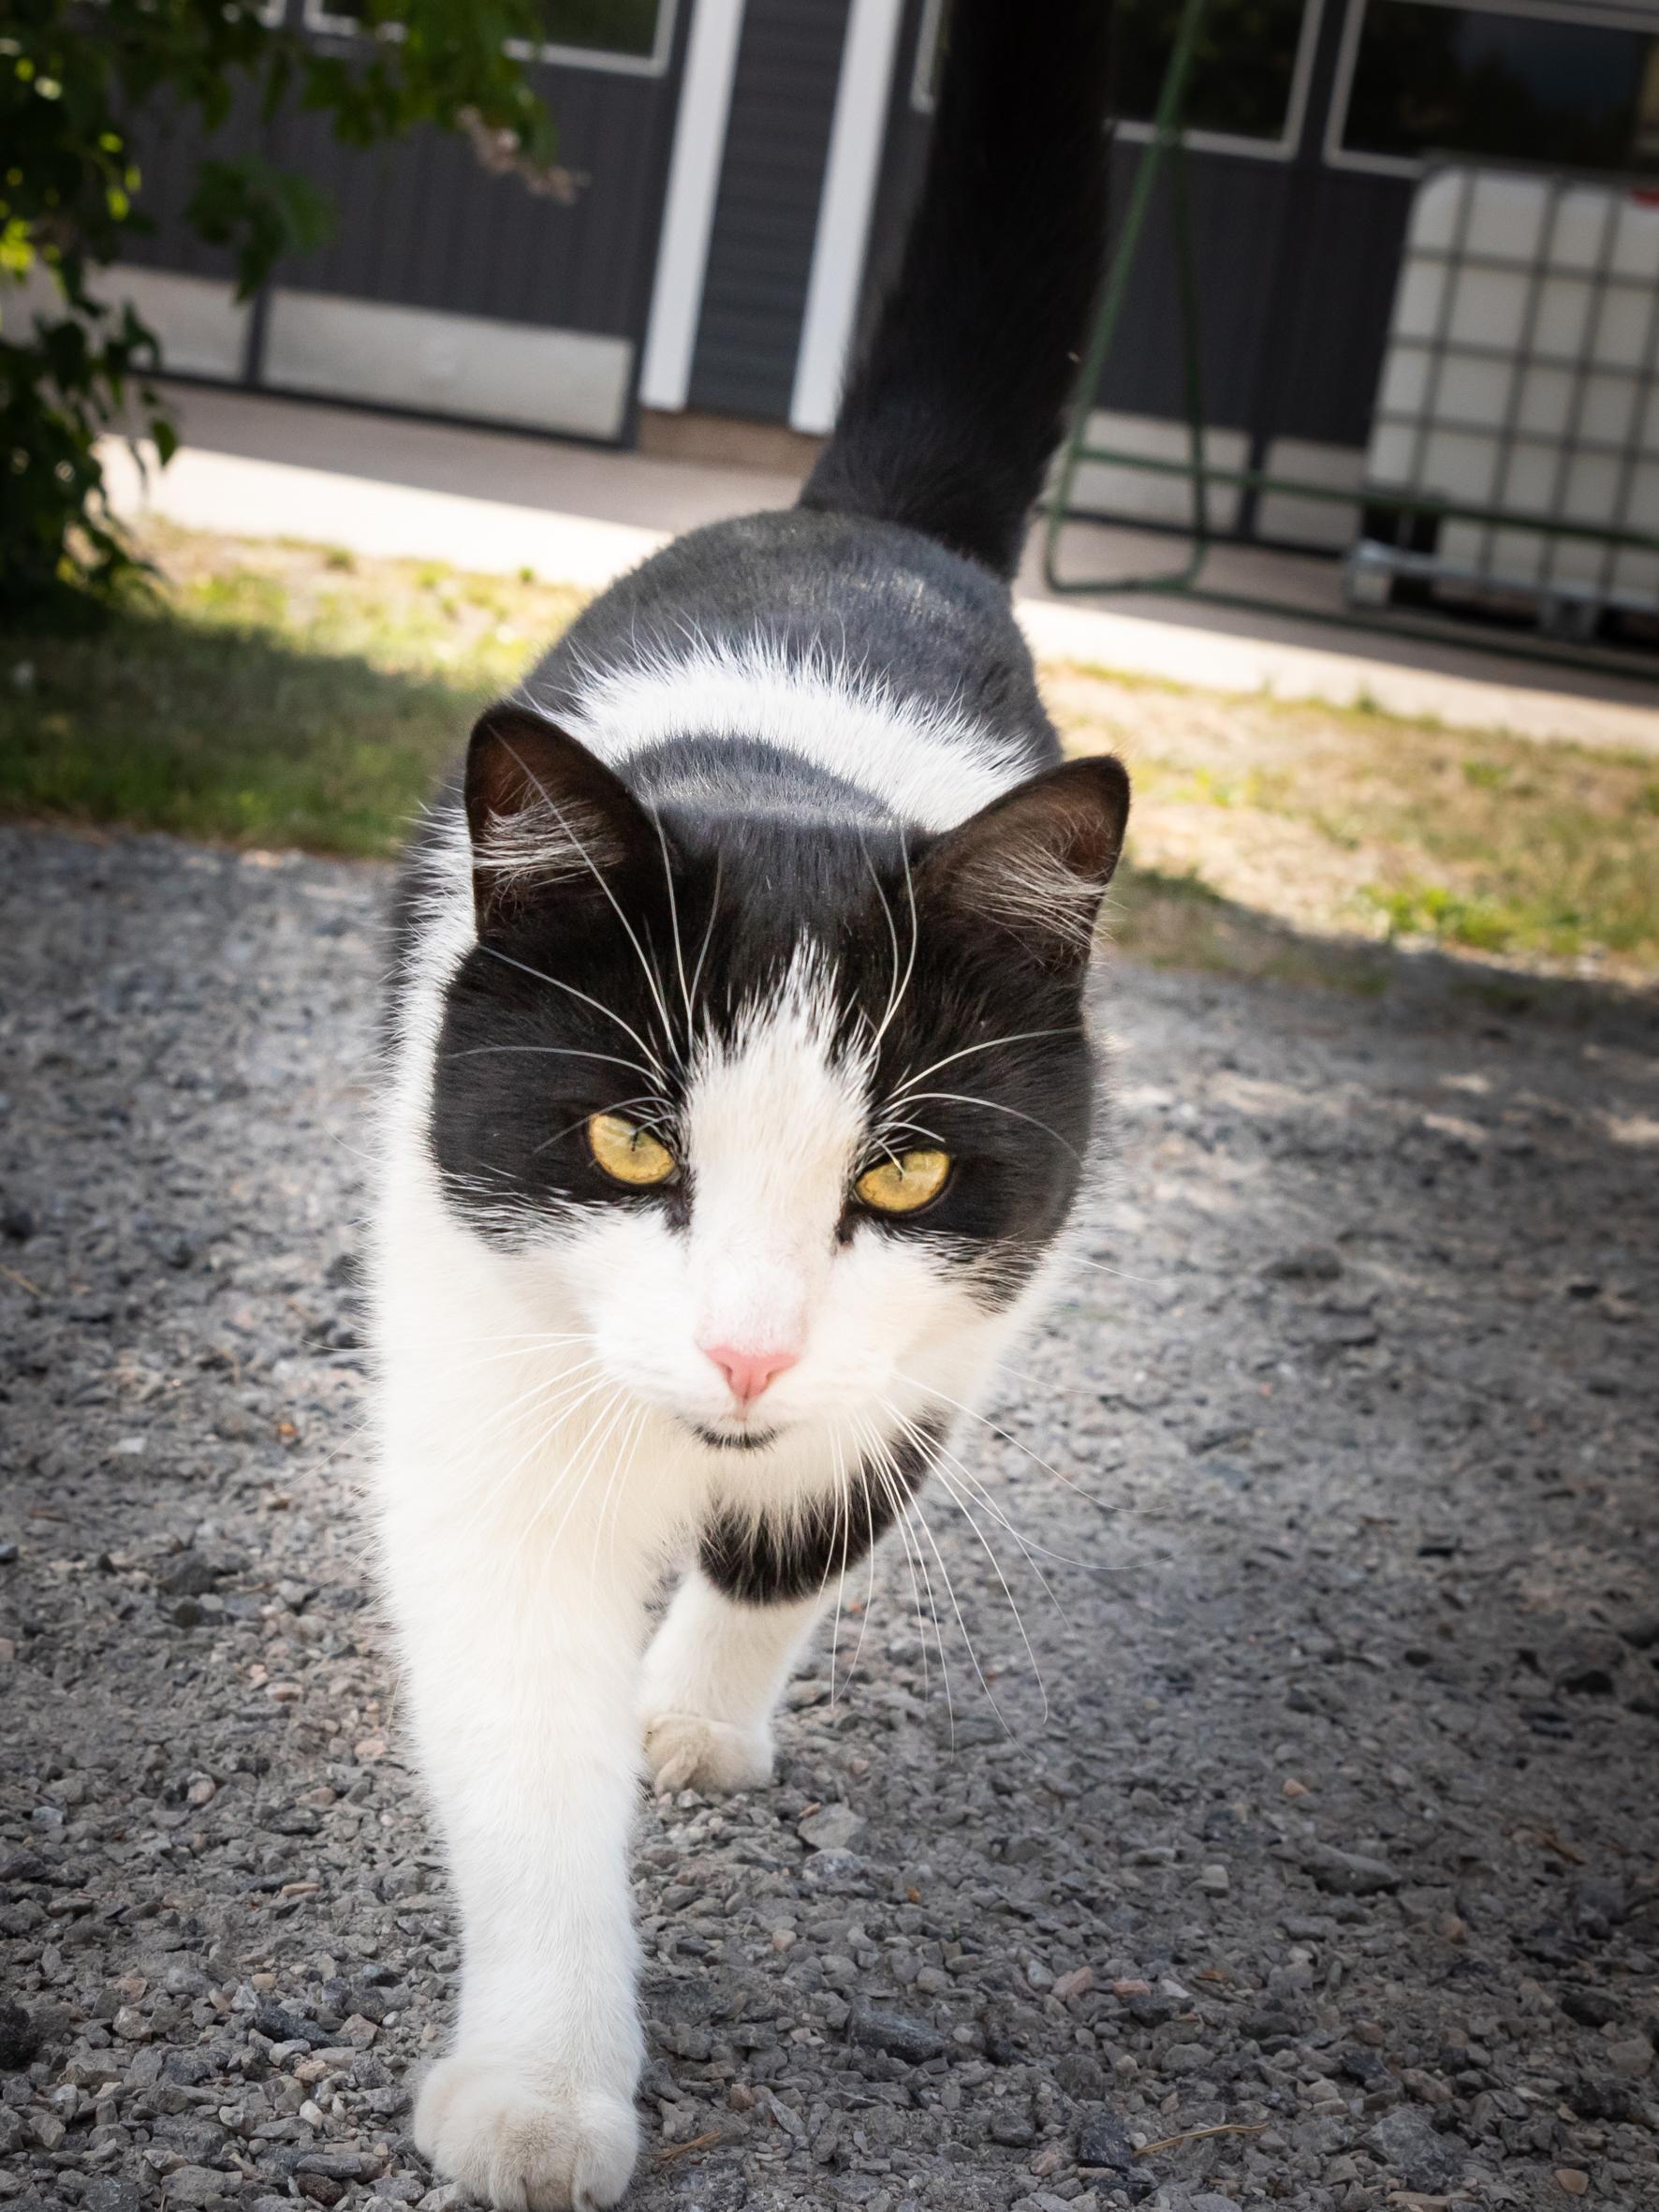 Pikkutalossa on koti neljälle asiakkaalle ja Hessu-kissalle.